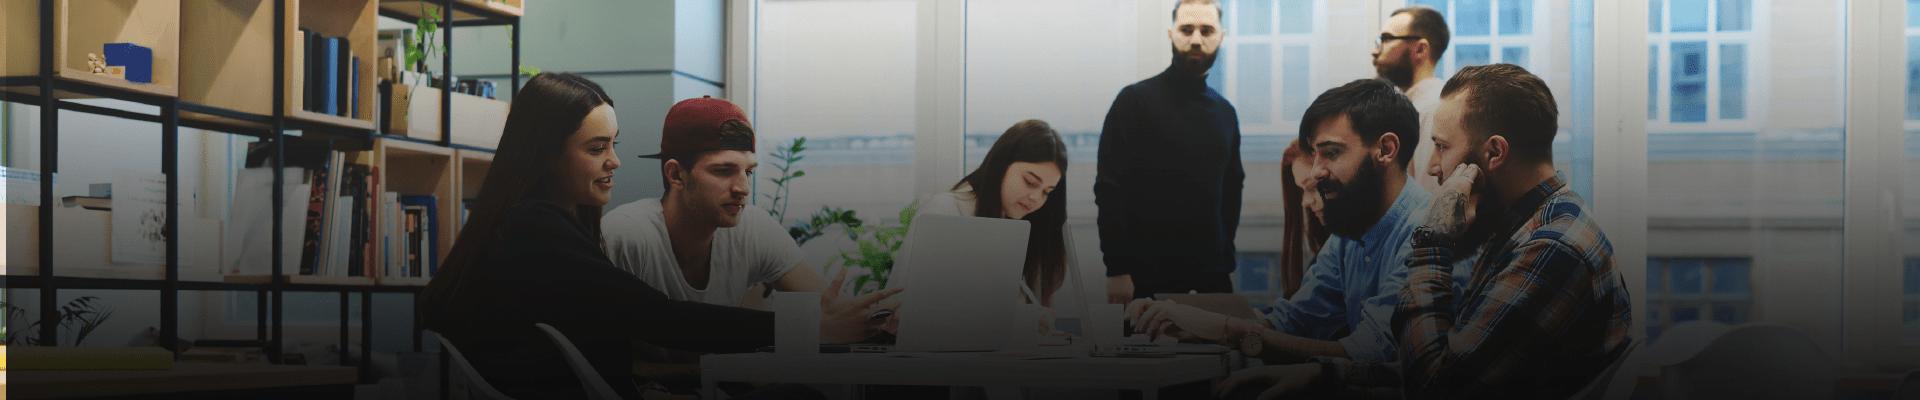 Soluzioni video per il tuo business